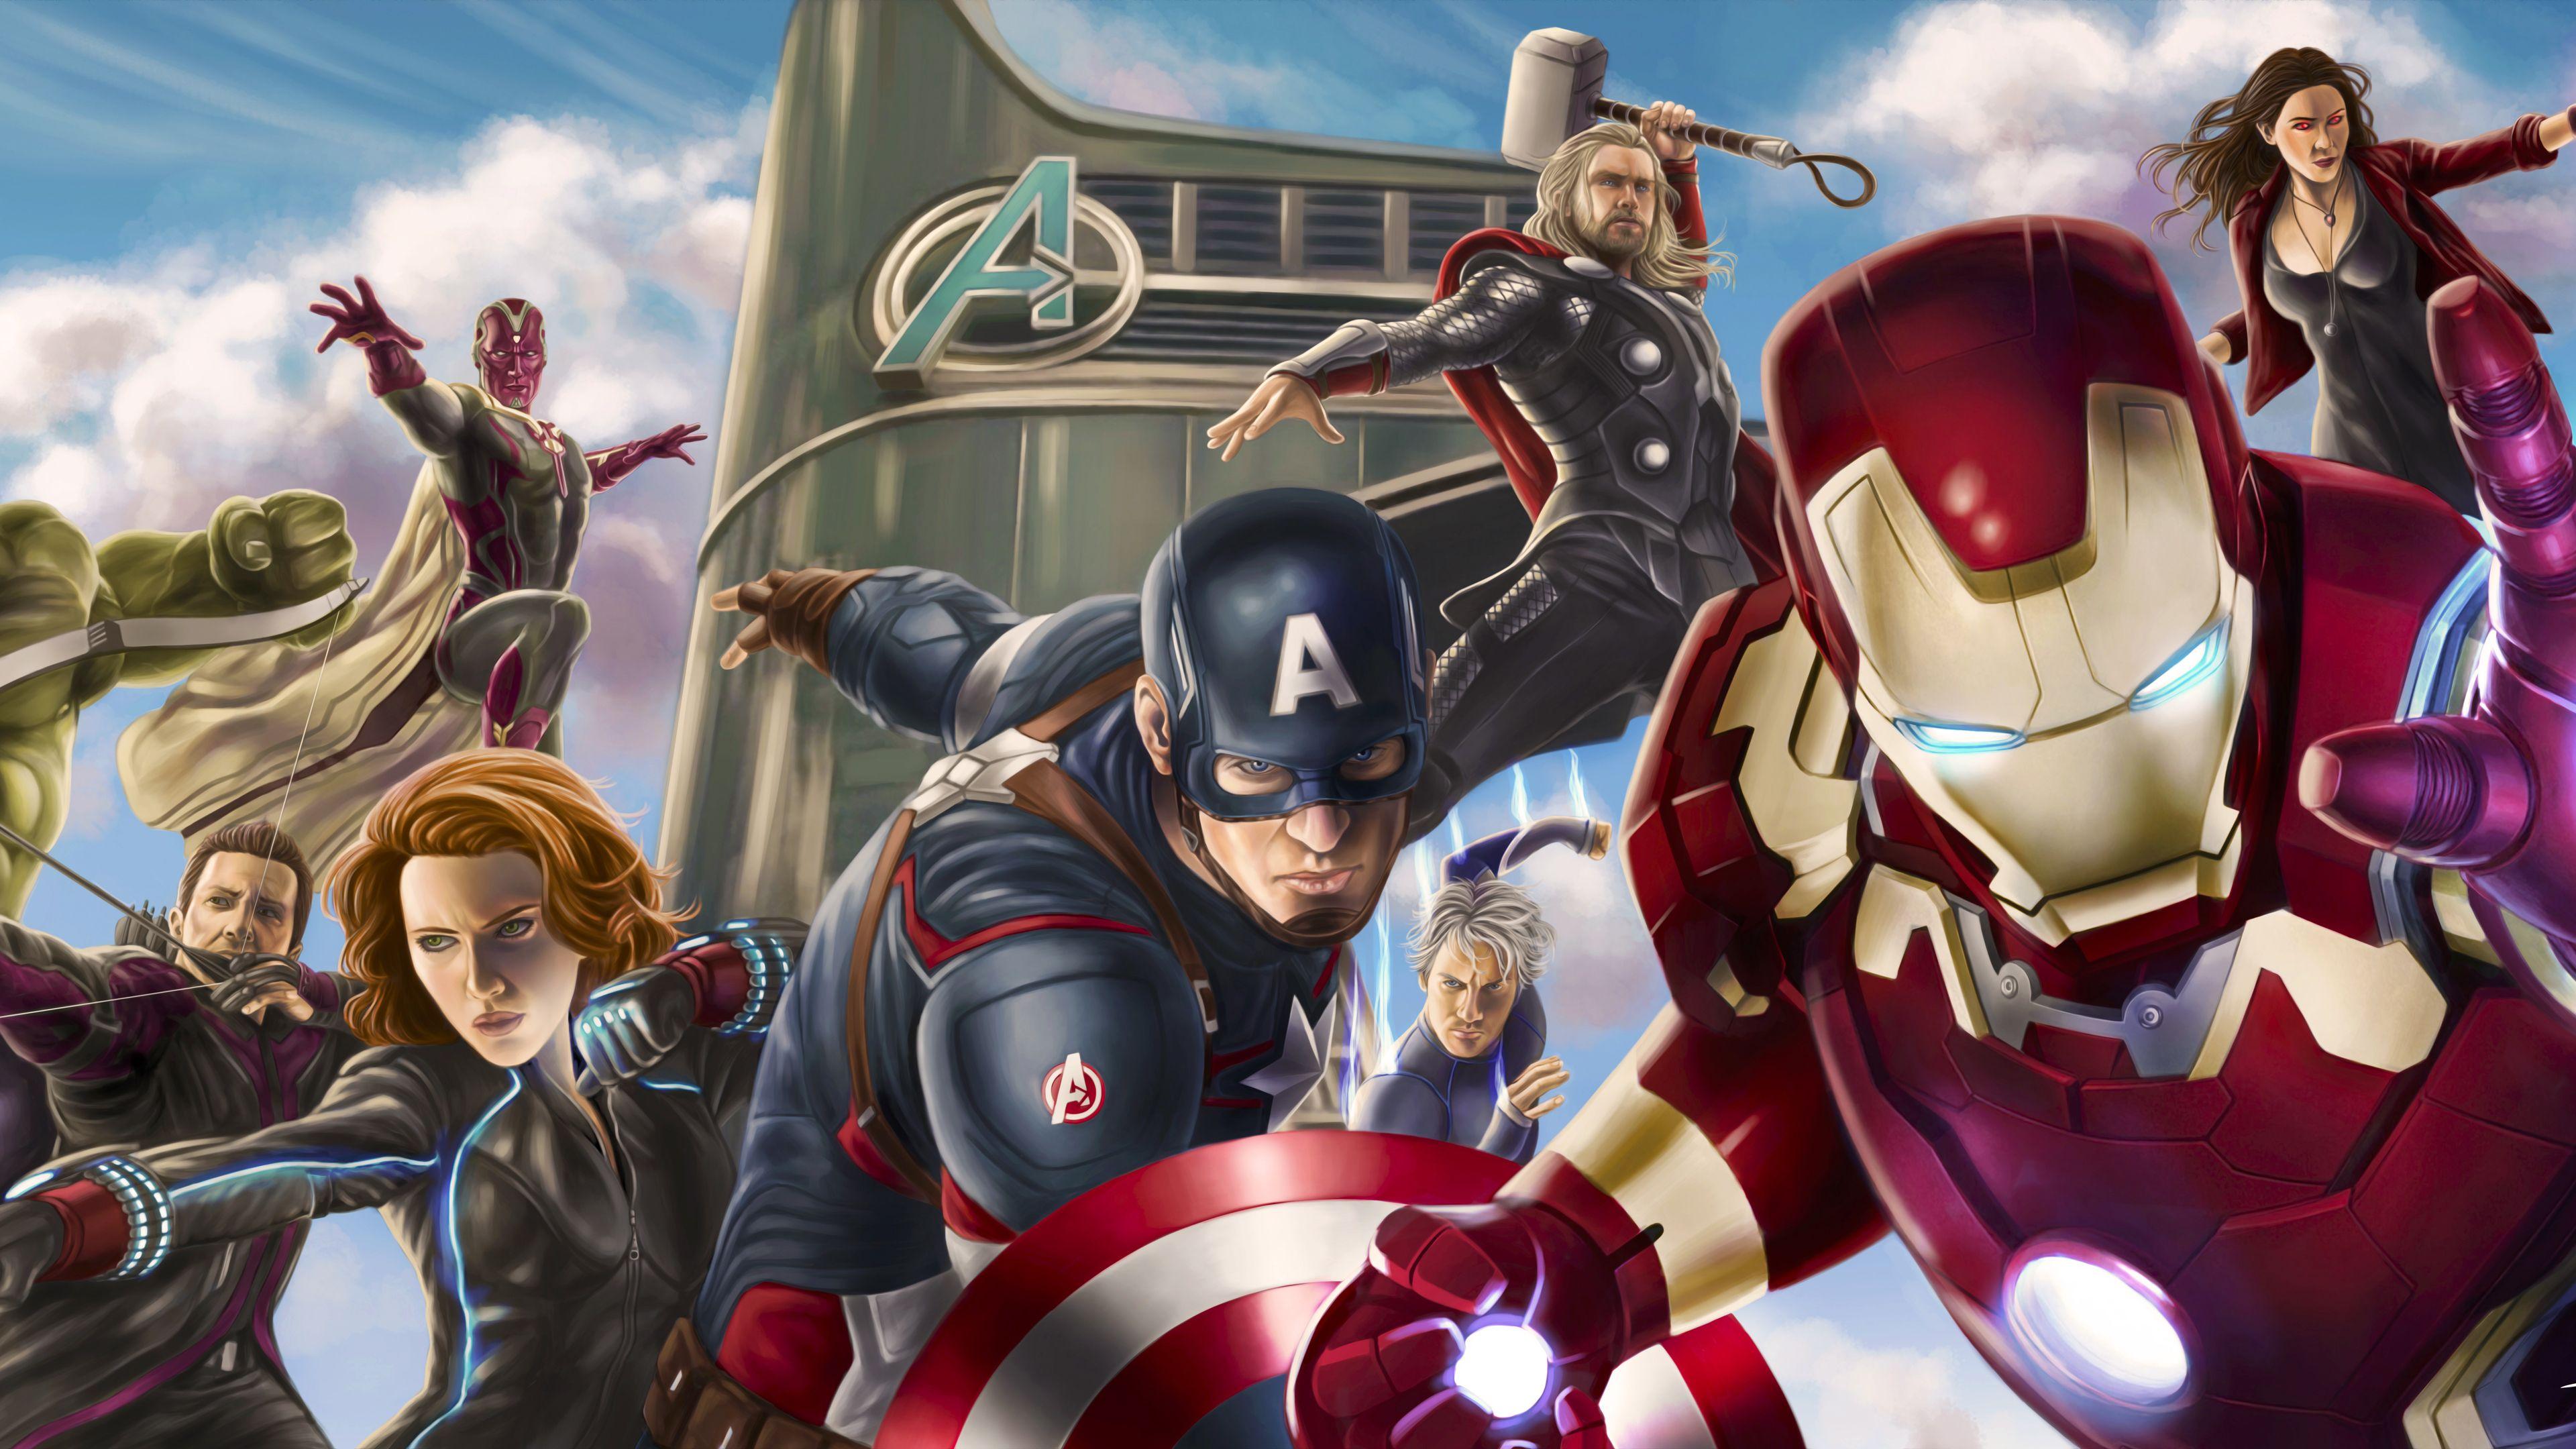 Wallpaper 4k Avengers Assemble Artwork 4k Wallpapers 5k